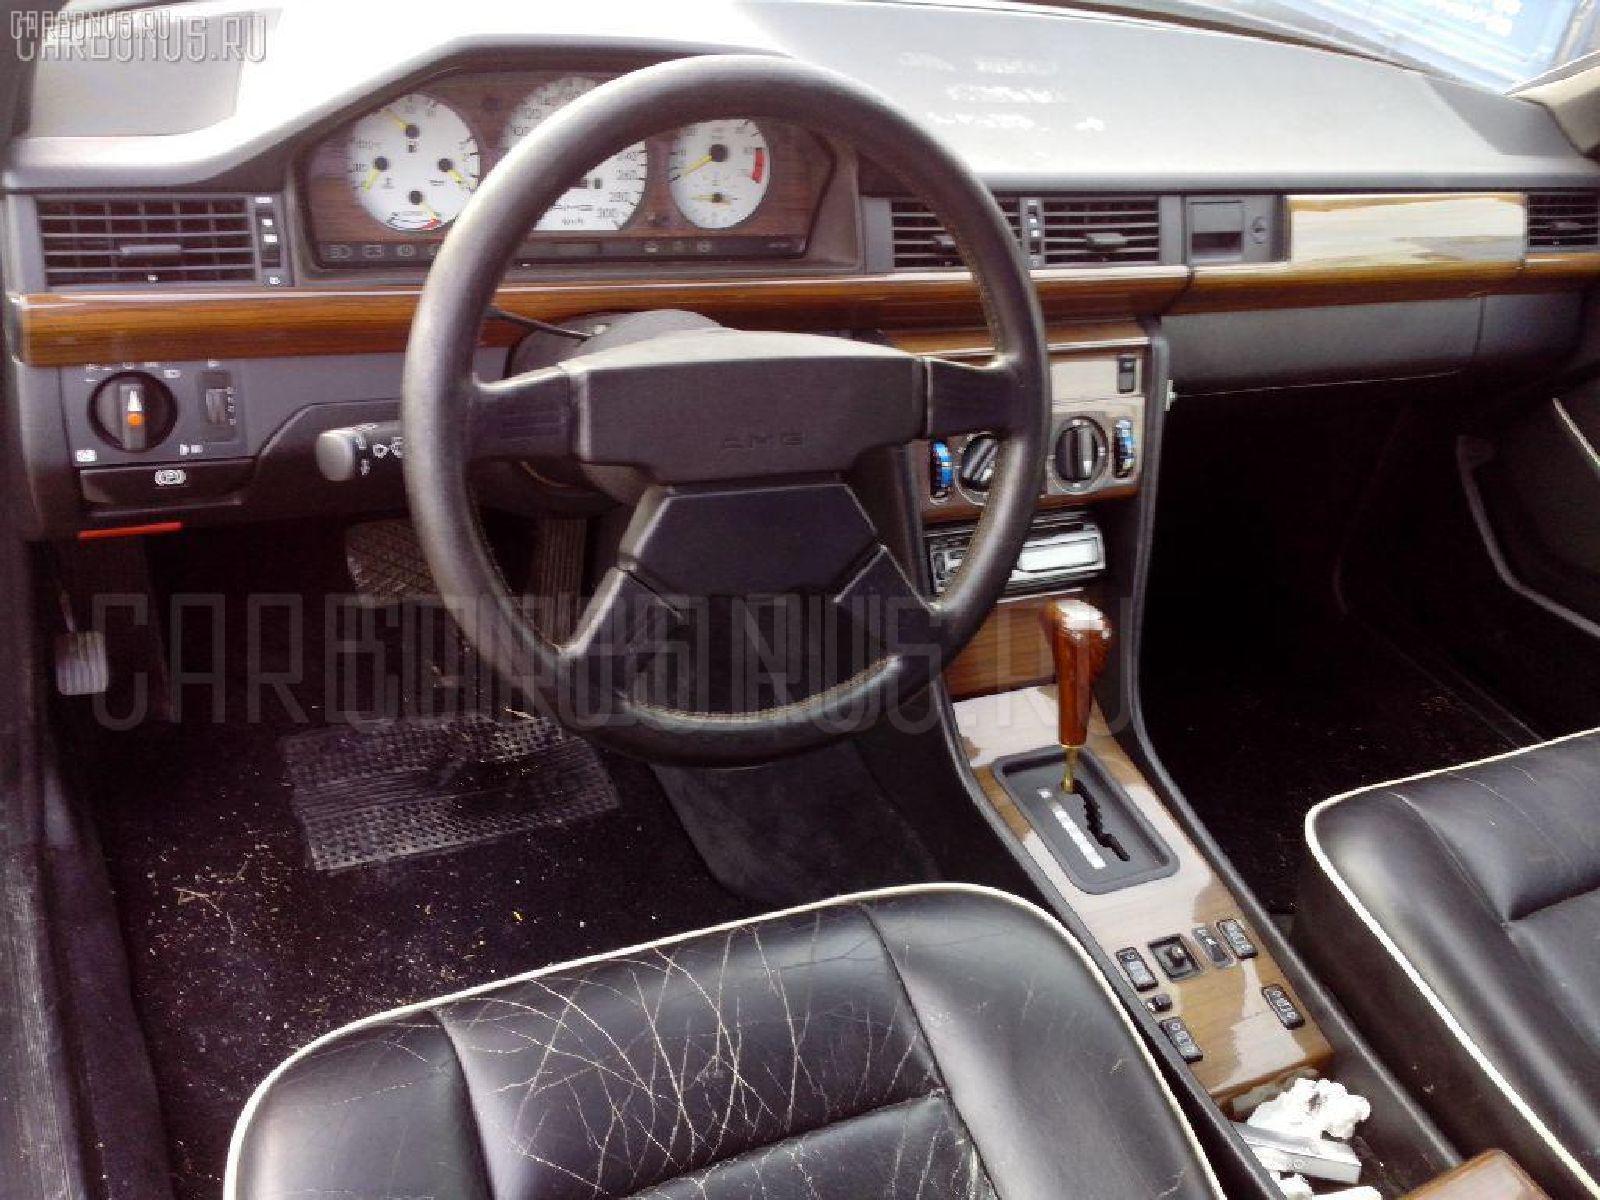 Педаль тормоза MERCEDES-BENZ COUPE C124.050 103.983 Фото 5